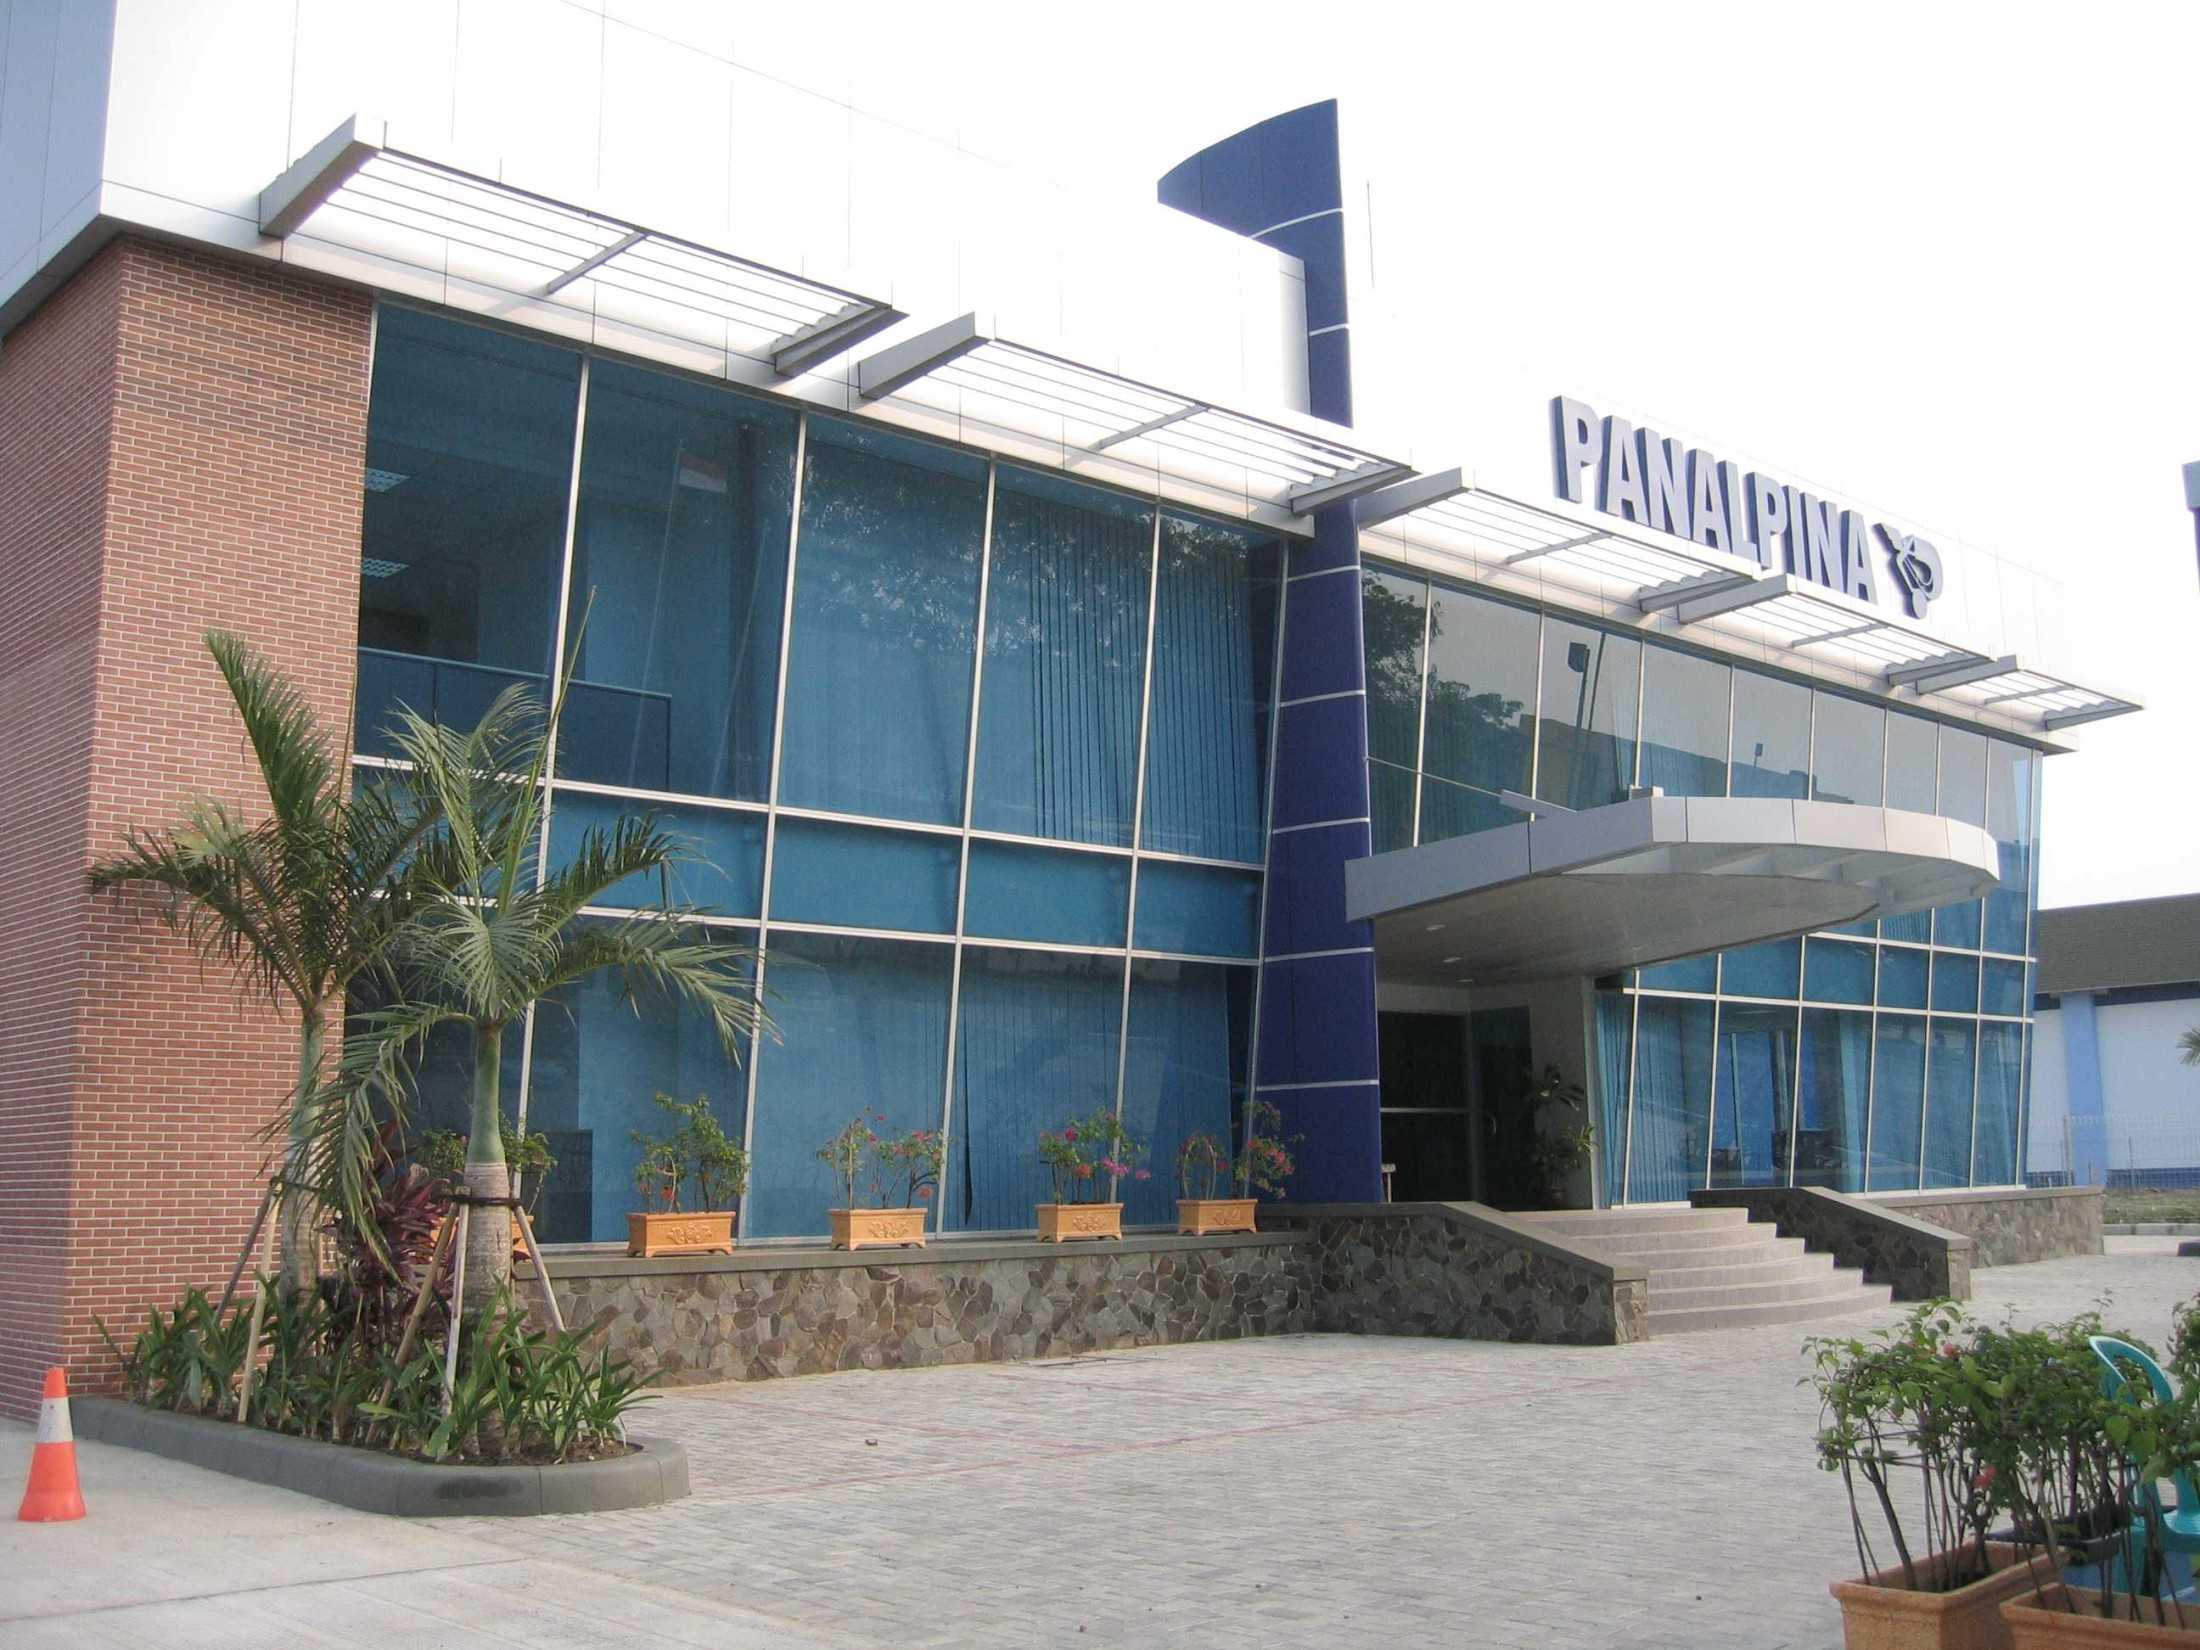 Pt. Dekotama Ciptakreasi  Pt. Panalpina Nusajaya Office Soewarna Business Park, Block H Lot 11 Soekarno-Hatta International Airport, Rt.001/rw.010, Pajang, Benda, Kota Tangerang, Banten 19110, Indonesia Soewarna Business Park, Block H Lot 11 Soekarno-Hatta International Airport, Rt.001/rw.010, Pajang, Benda, Kota Tangerang, Banten 19110, Indonesia Pt-Dekotama-Ciptakreasi-Pt-Panalpina-Nusajaya-Office  79669